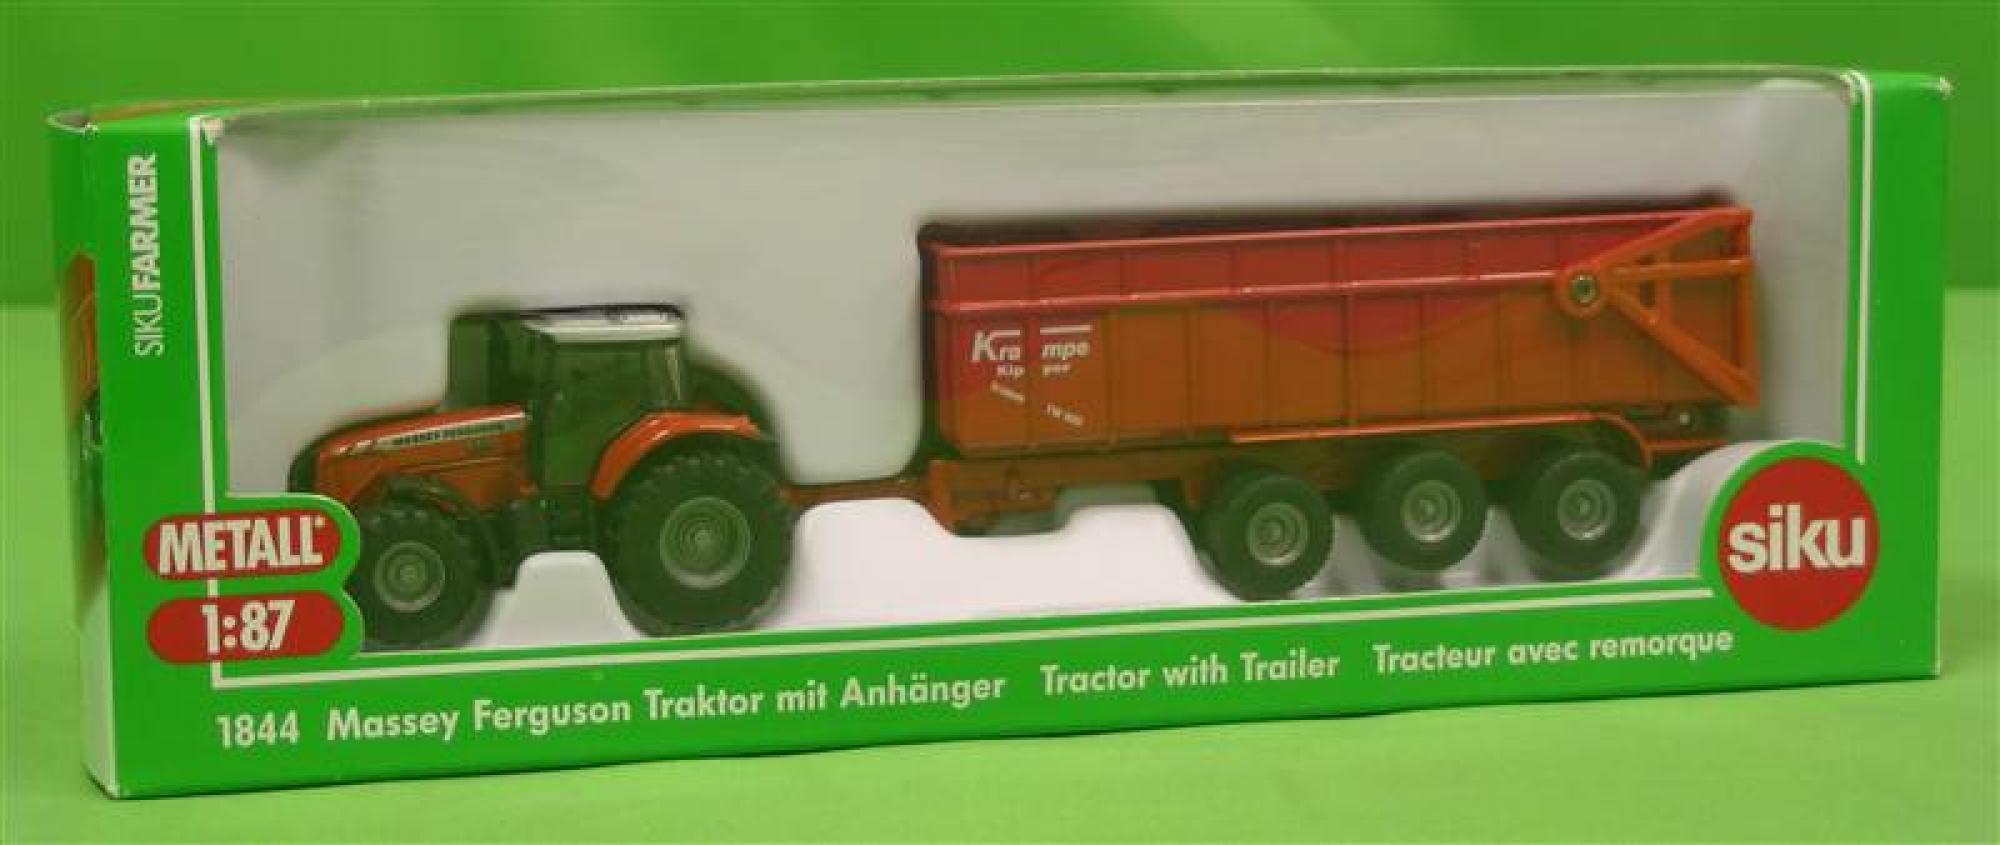 Siku Traktor Massey Ferguson mit Anhänger  1:87  1844 NEU Spielzeugautos